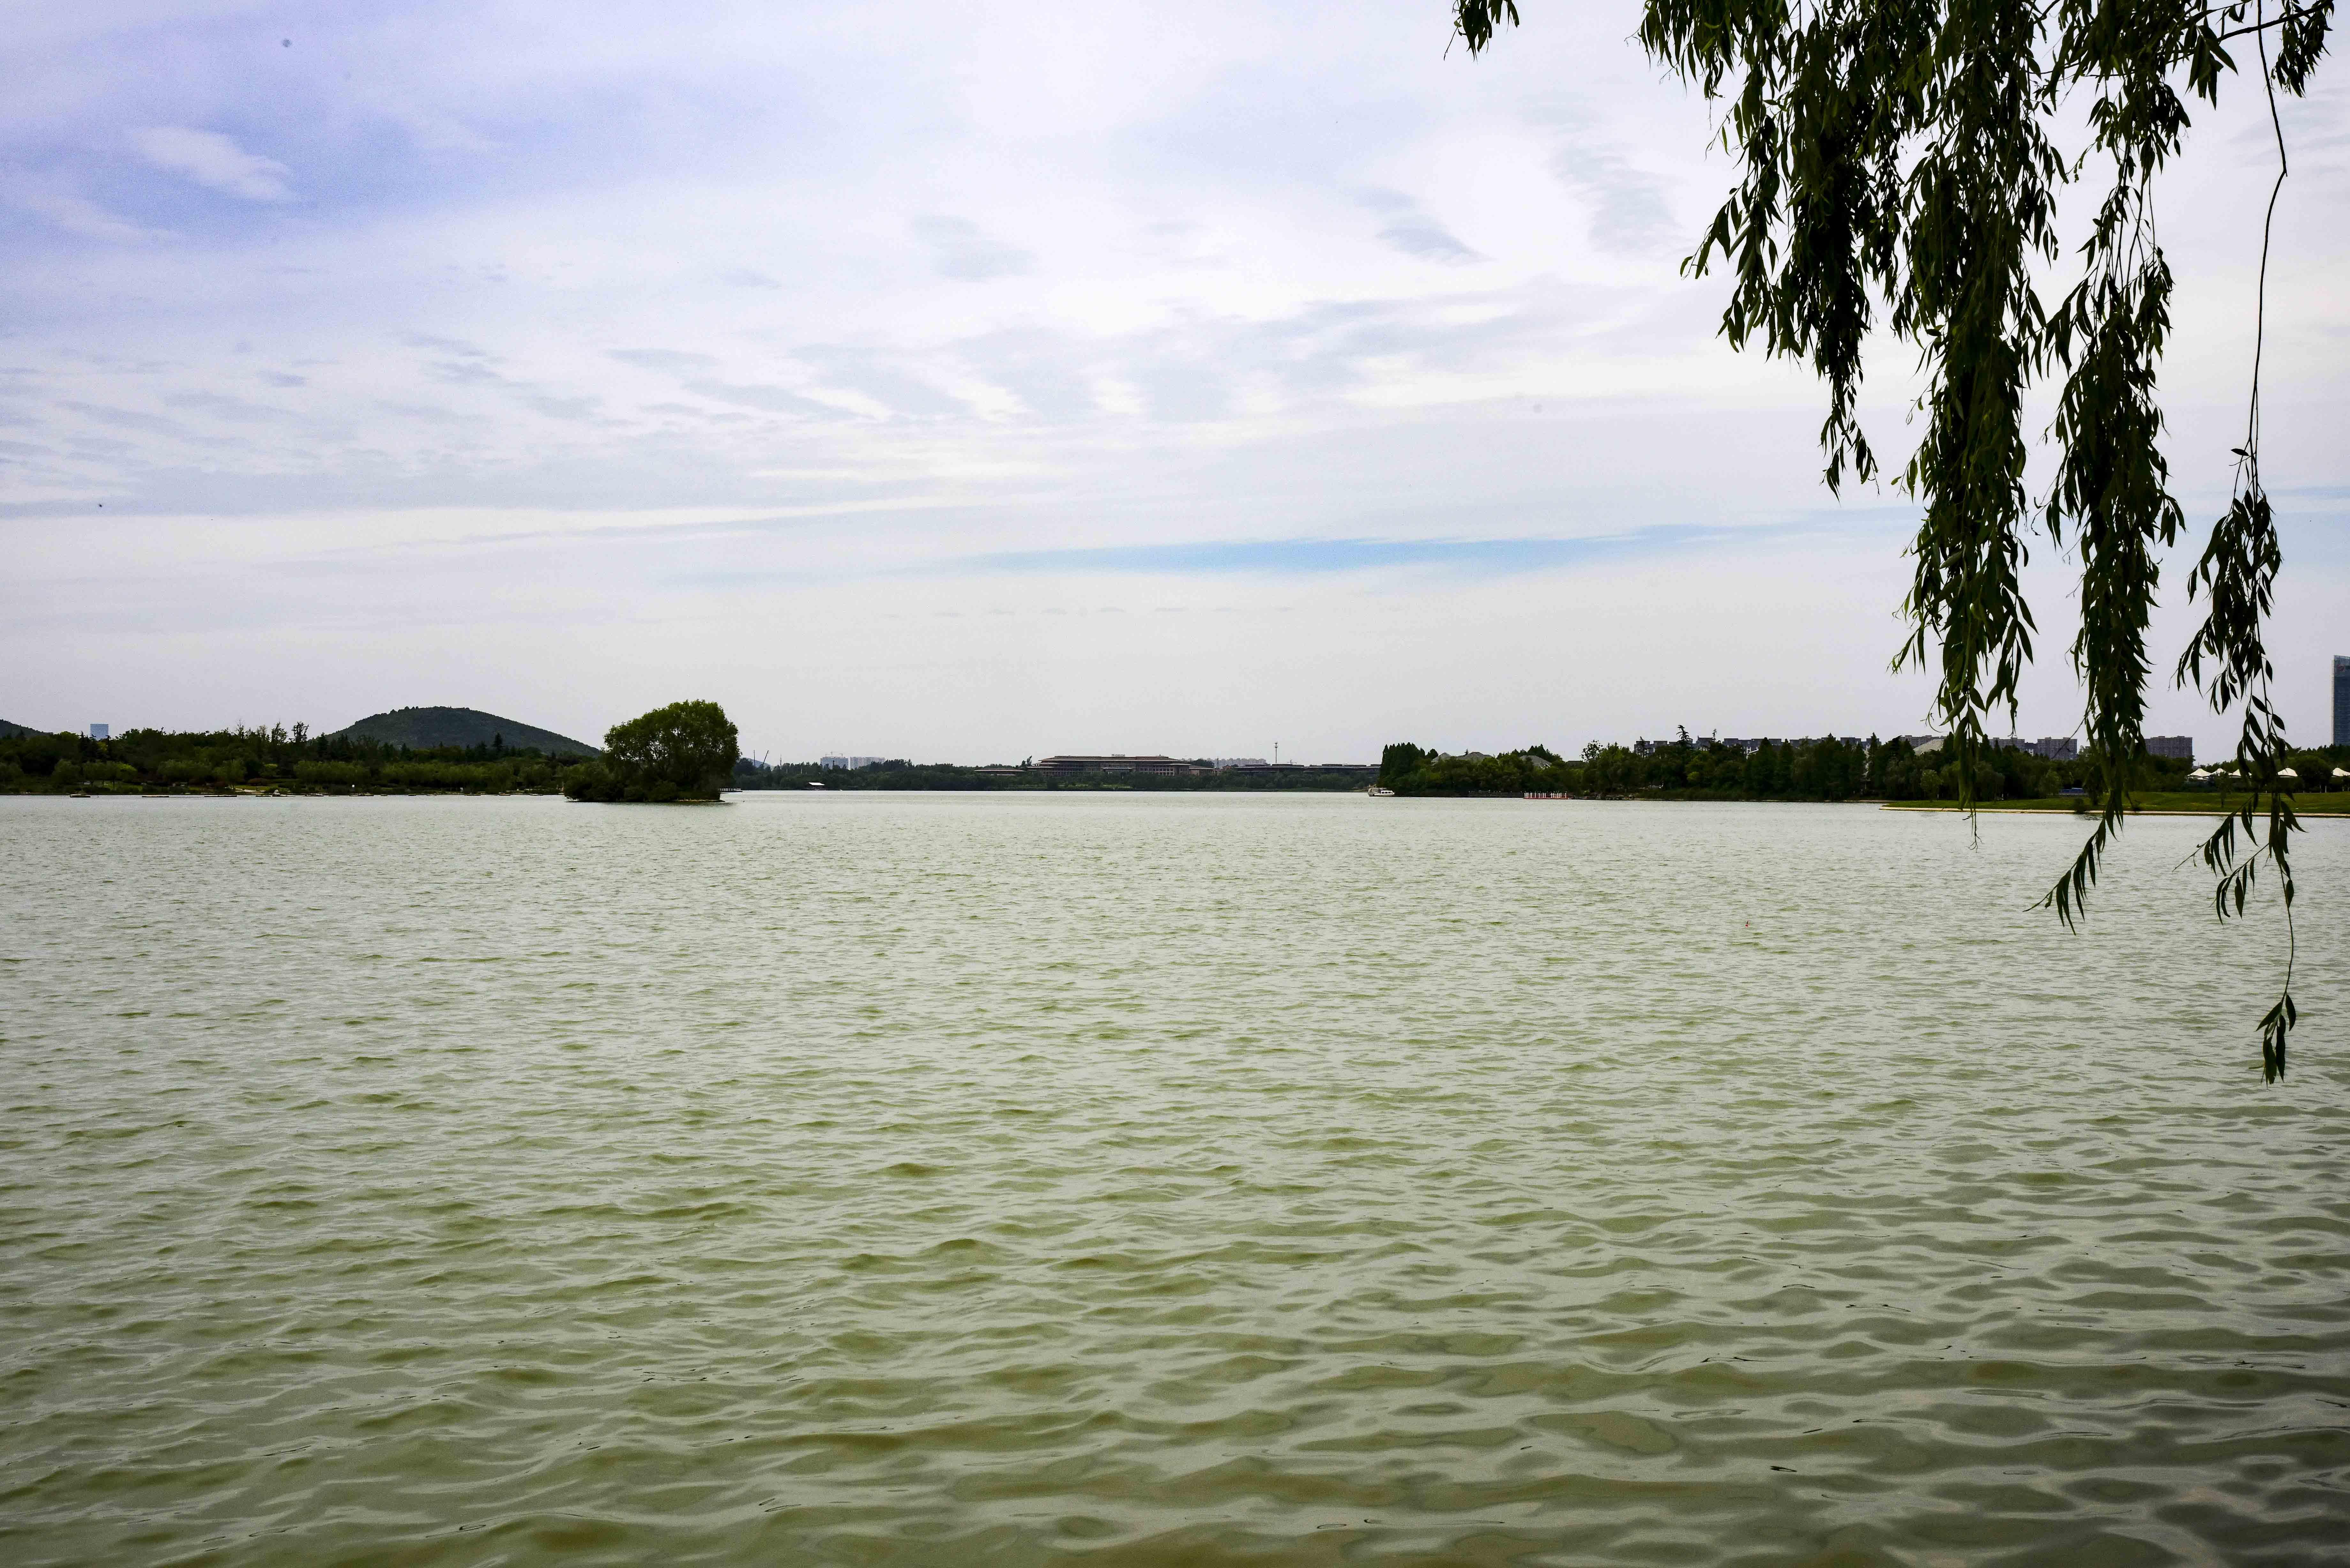 寻找解忧公主的故乡,徐州瑯溪河边美丽的蚕丝女,你还好吗